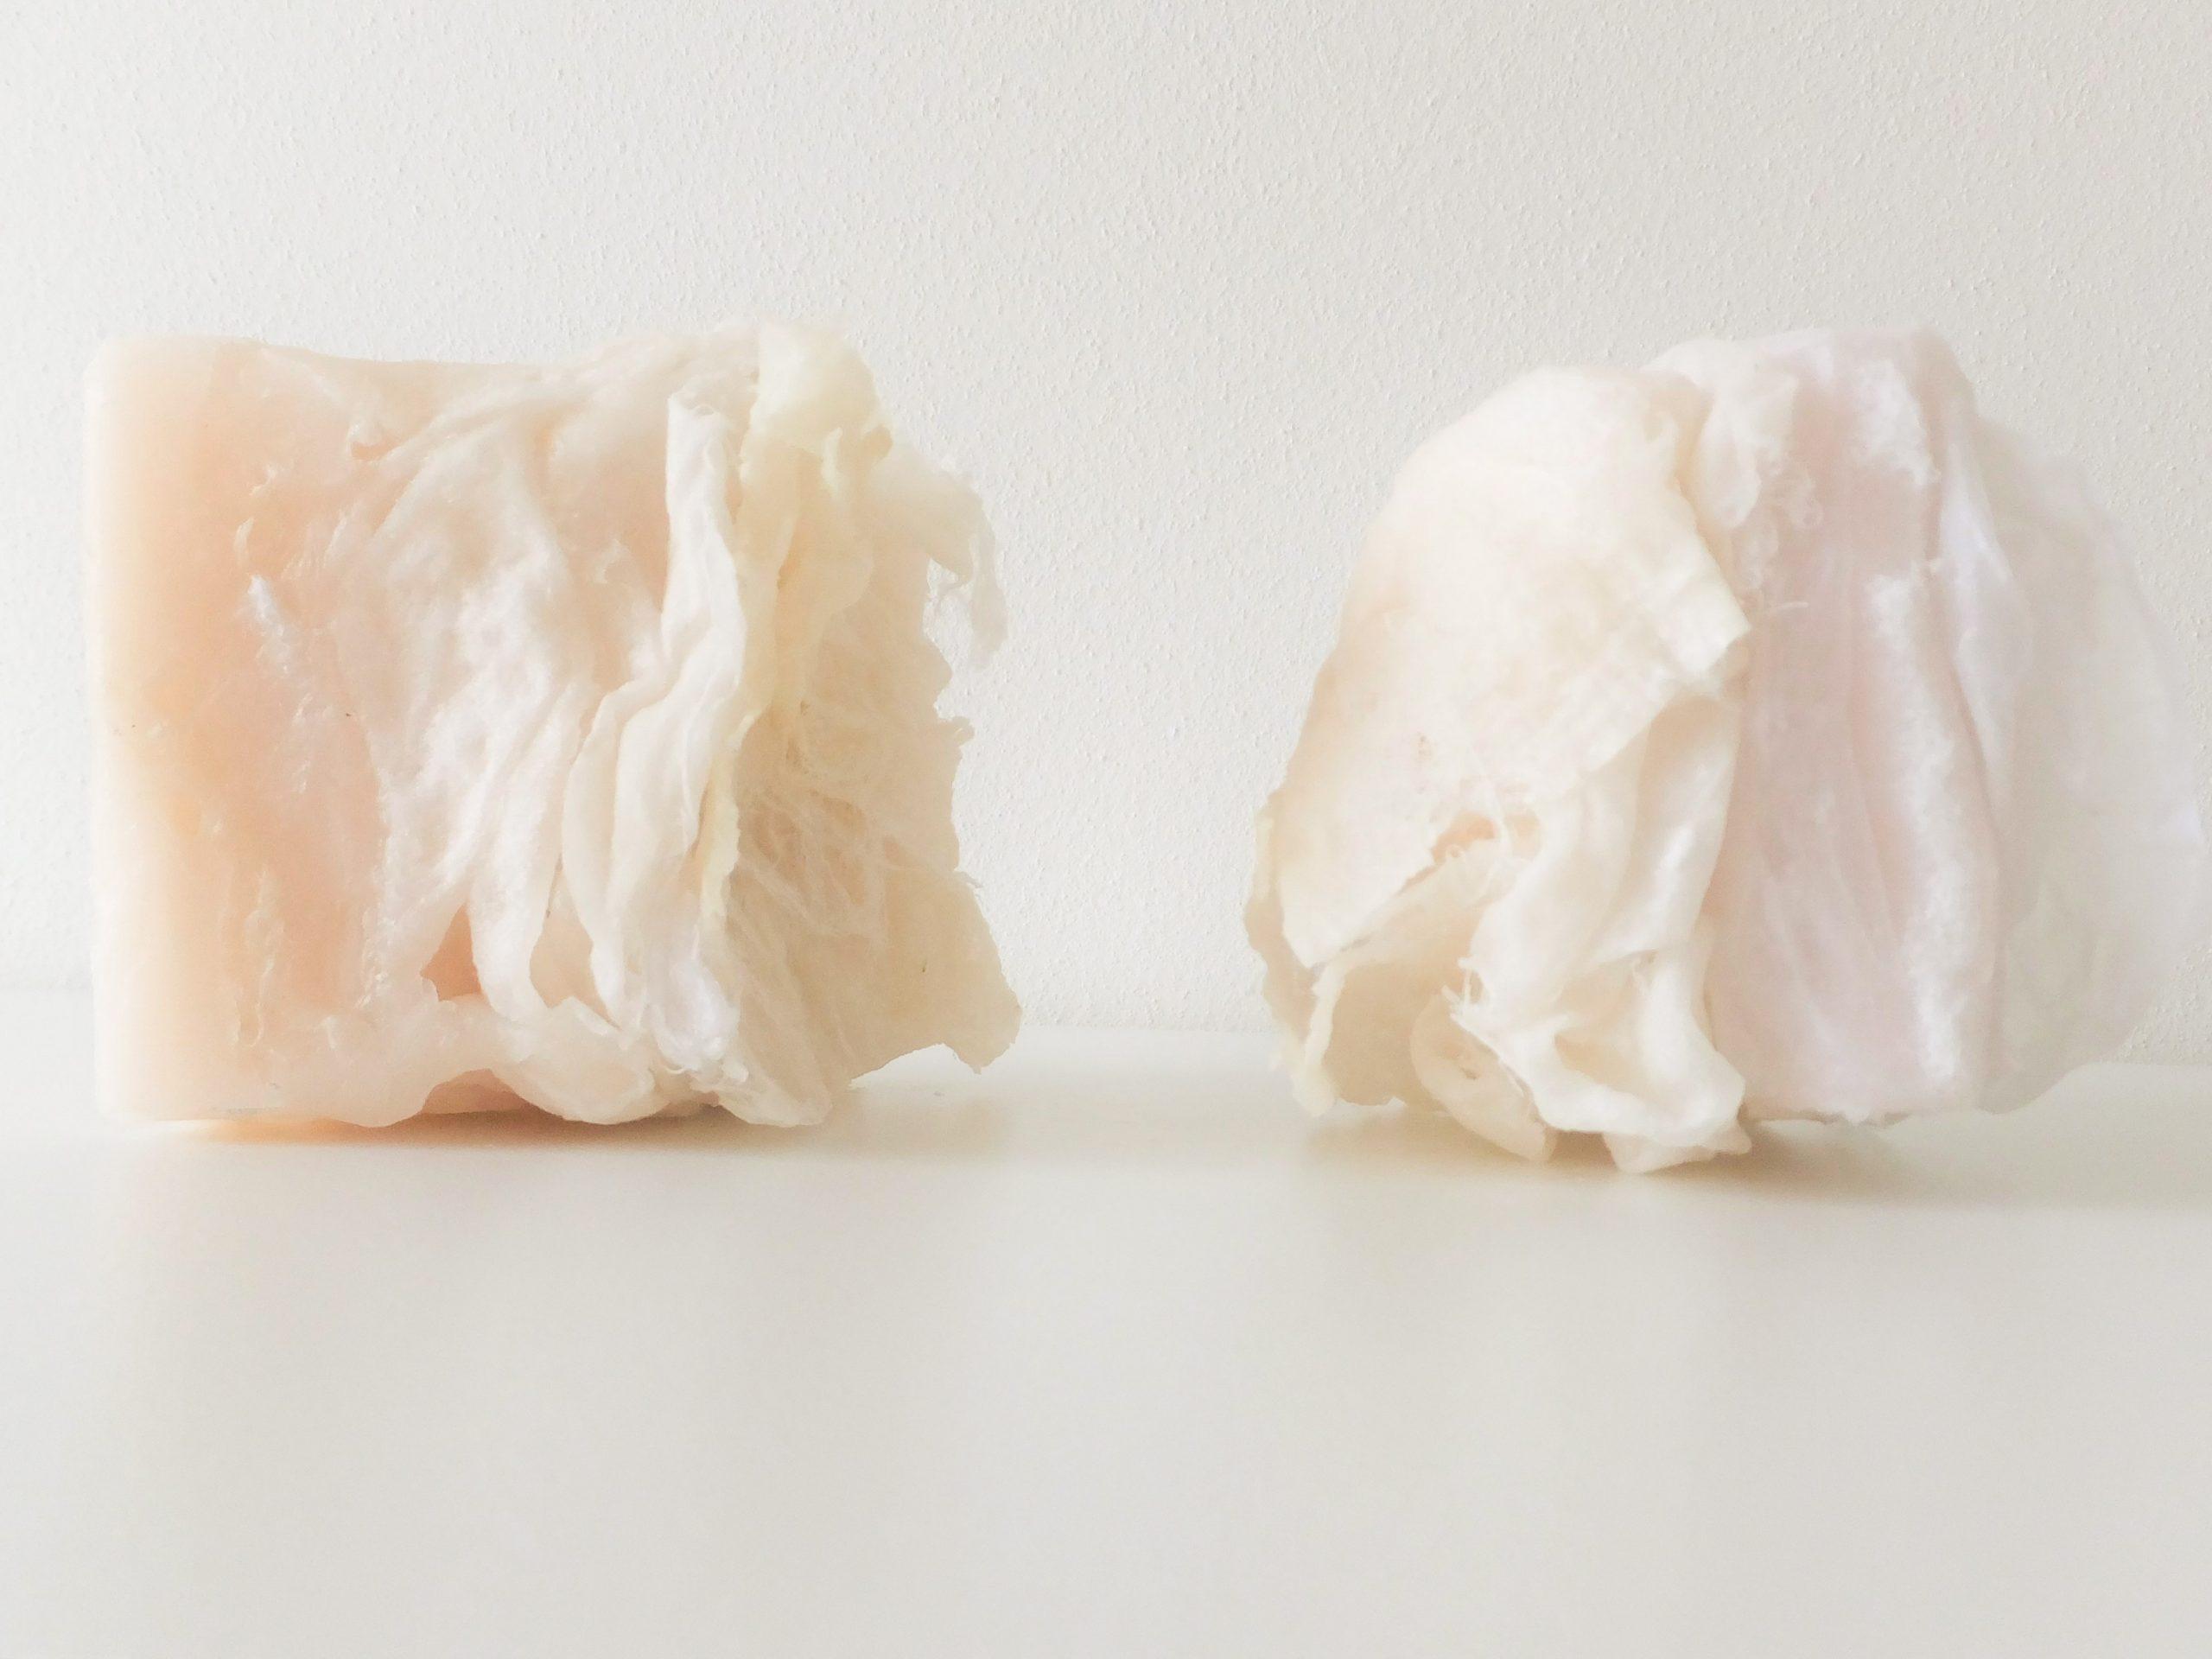 Detail van huid met zachte kleuren. Conceptuele beeldende kunst door Jeanne de Bie van was en papier, over verlangens, haptonomie en grenzen.